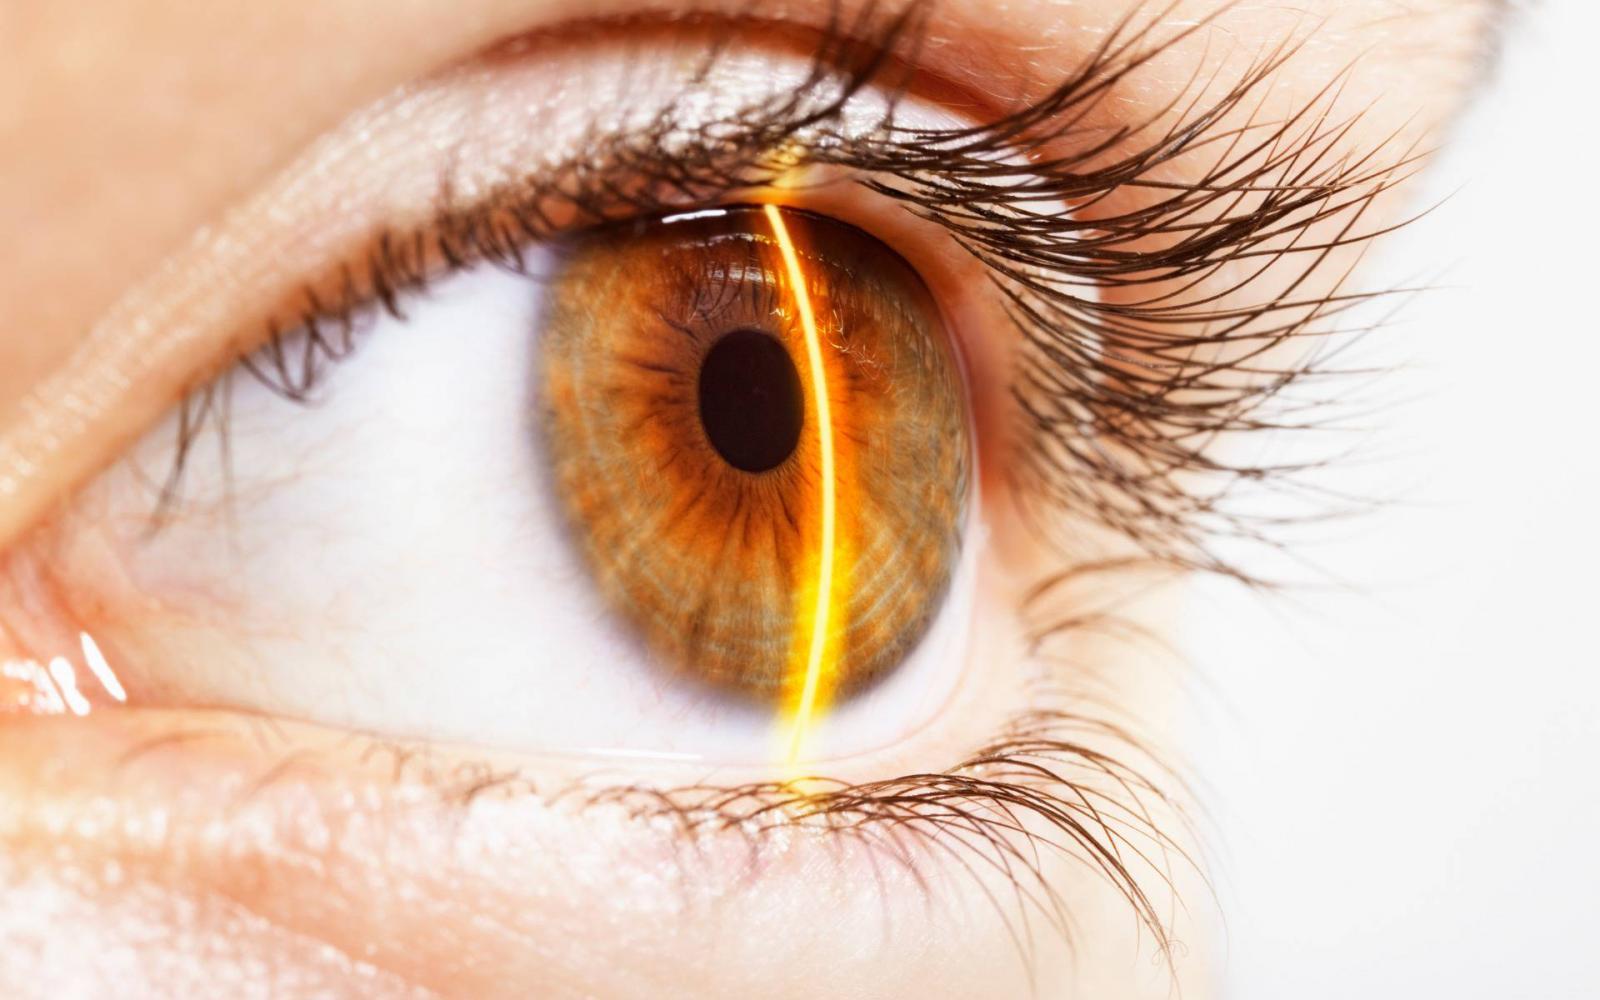 a látás segítségével érzékelik homályos látás neuralgiával